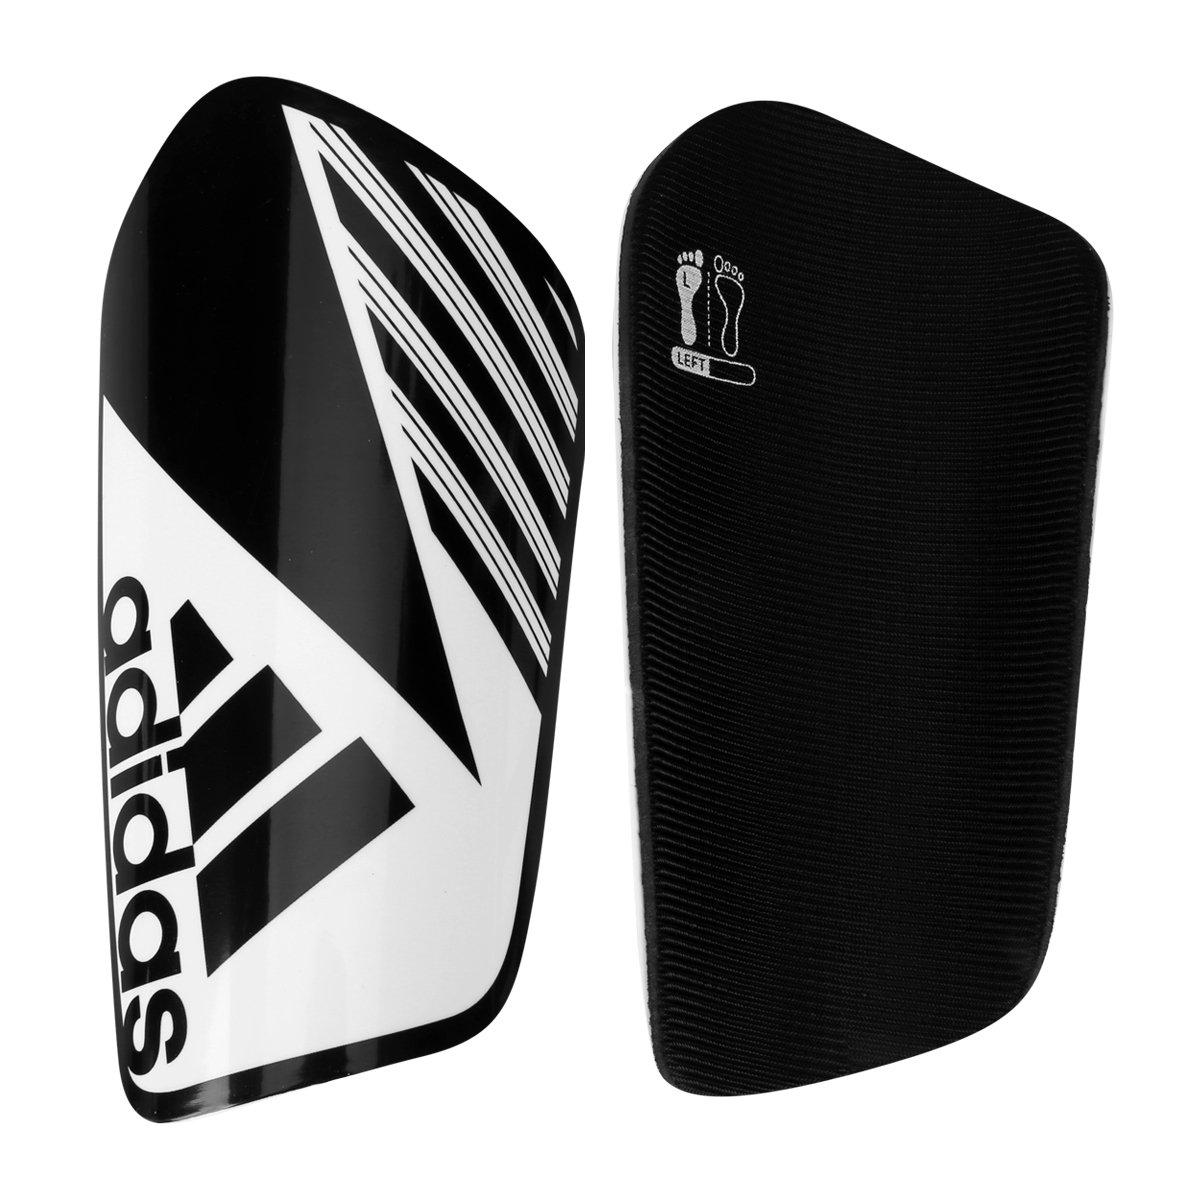 Caneleira Futebol Adidas Ghost Lesto - Compre Agora  16e1cdf94fd97